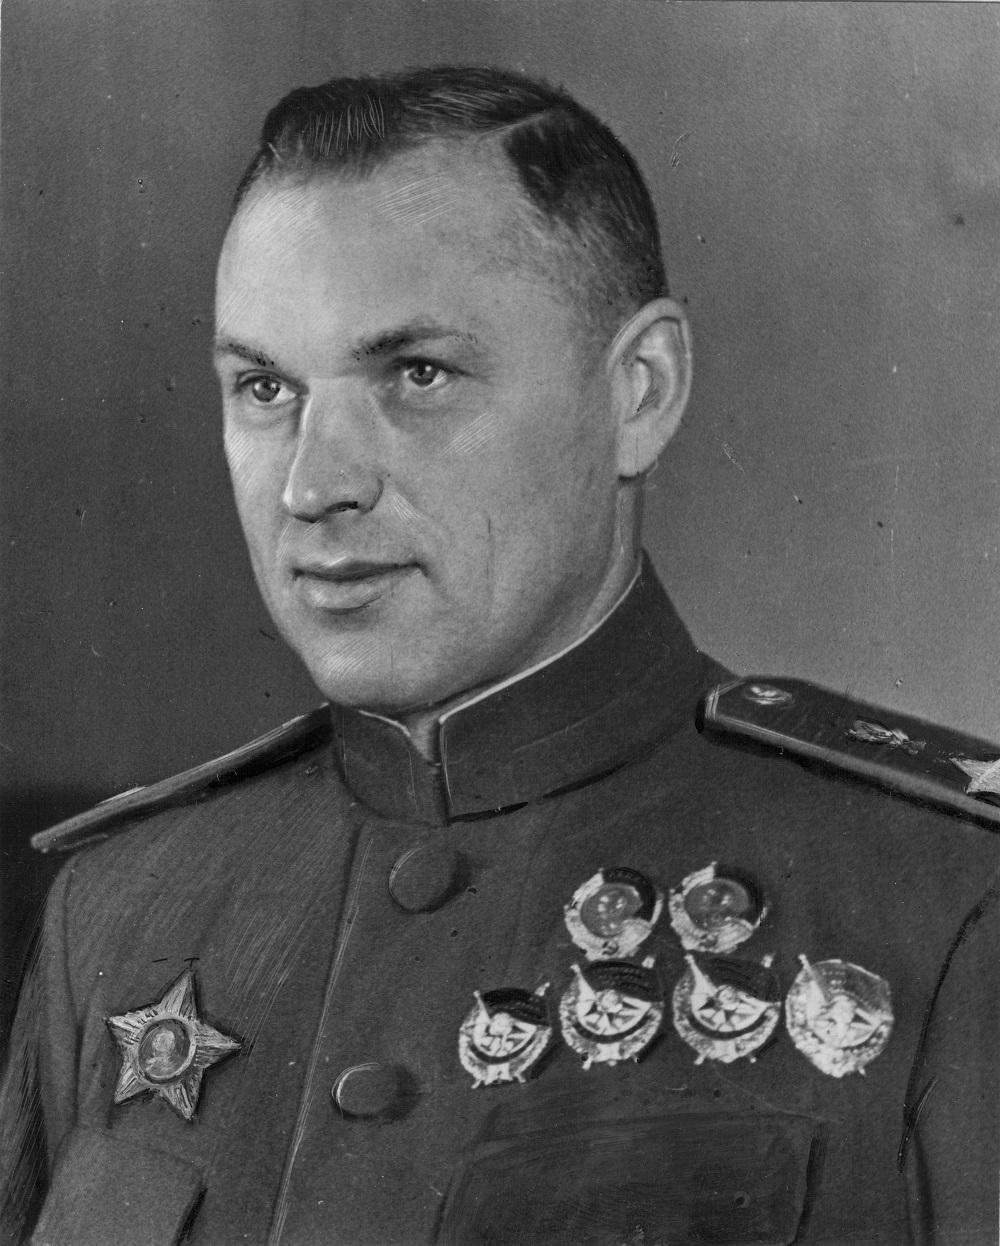 Маршал Советского Союза К.К. Рокоссовский, 1944 год.jpg